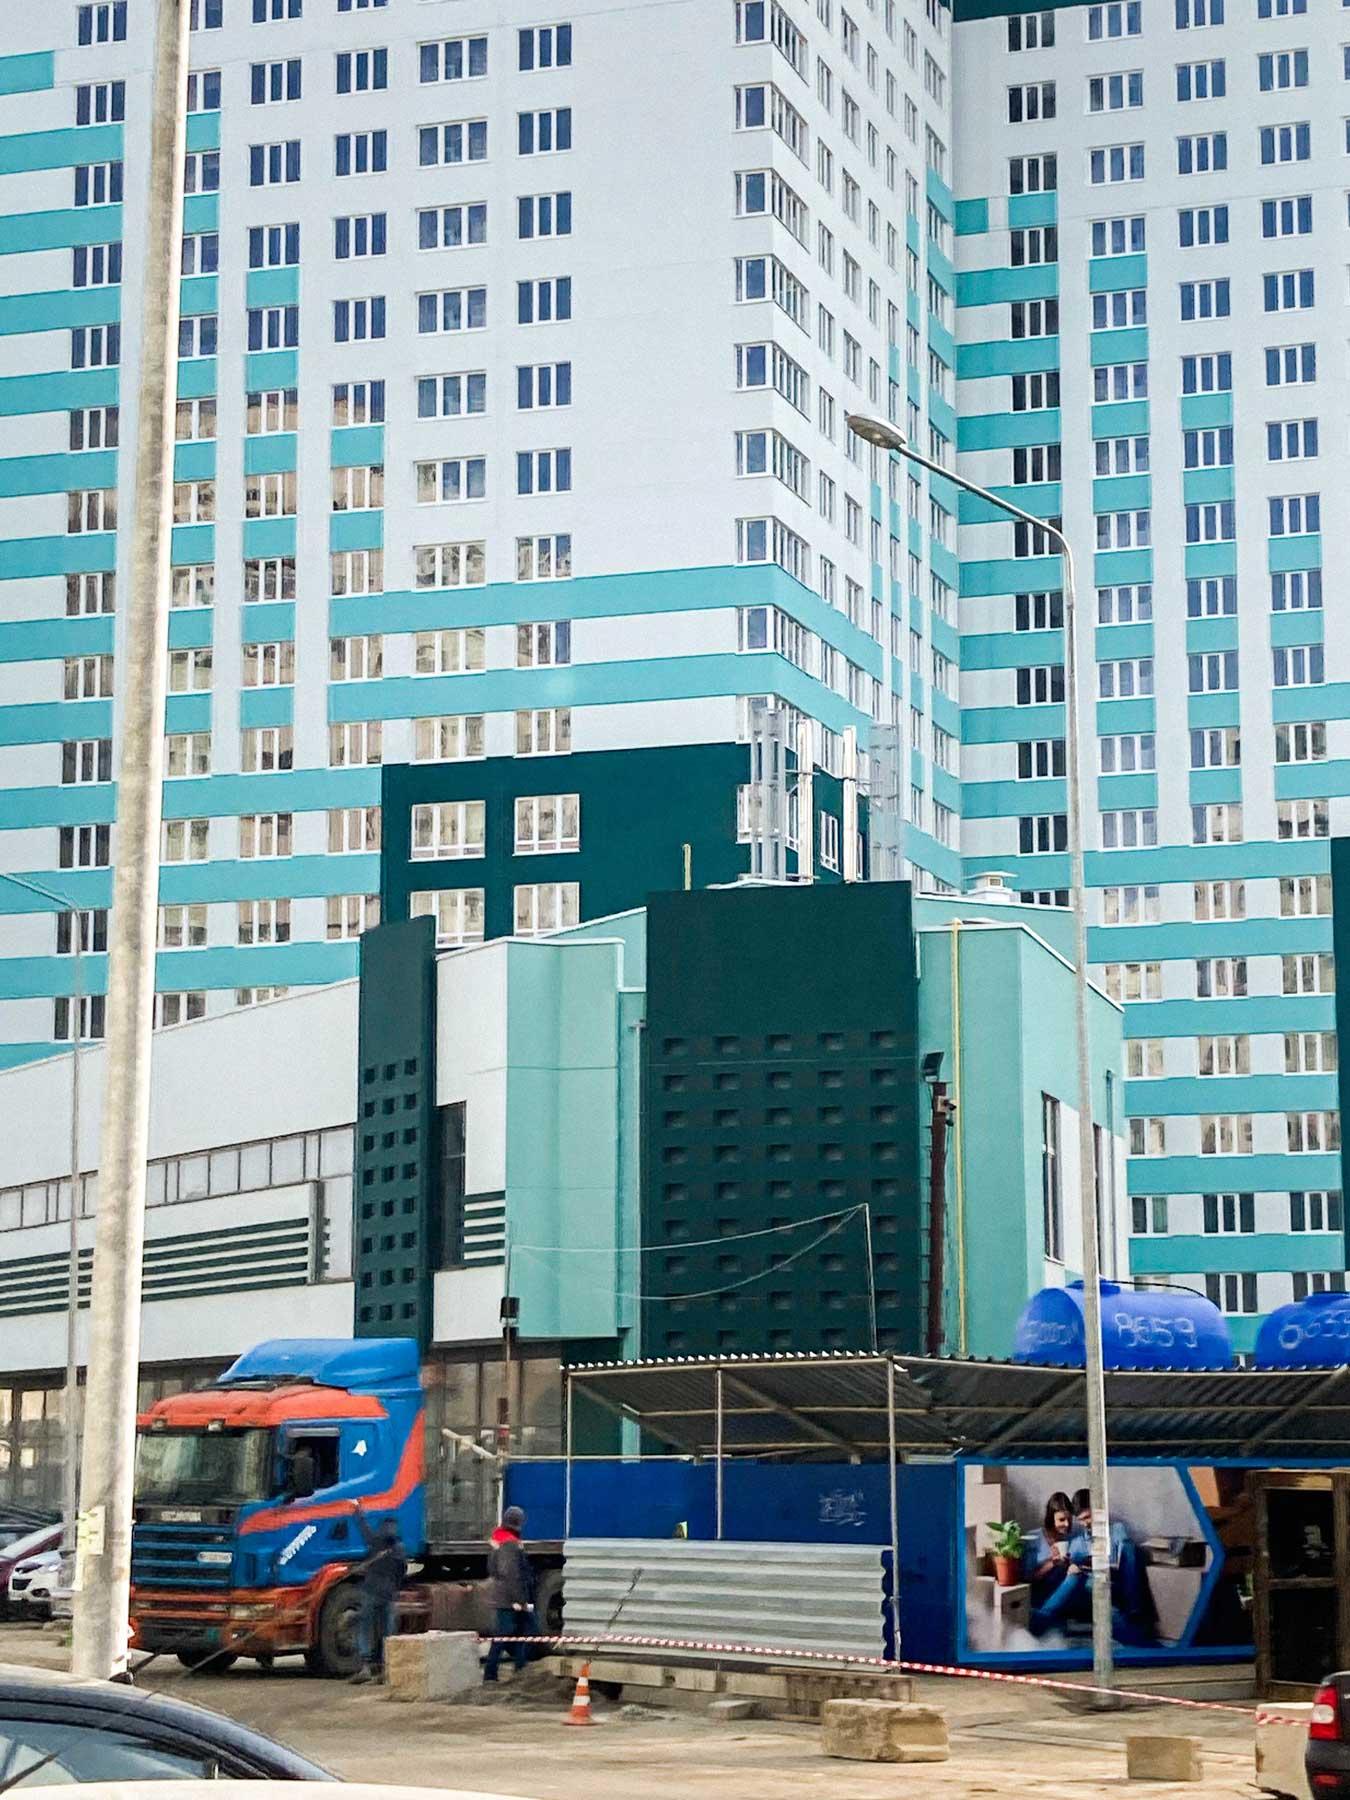 odesa property pelymski 02 - <b>75 метров беззакония.</b> В Одессе строят жилой комплекс, который угрожает полетам и госбезопасности - Заборона